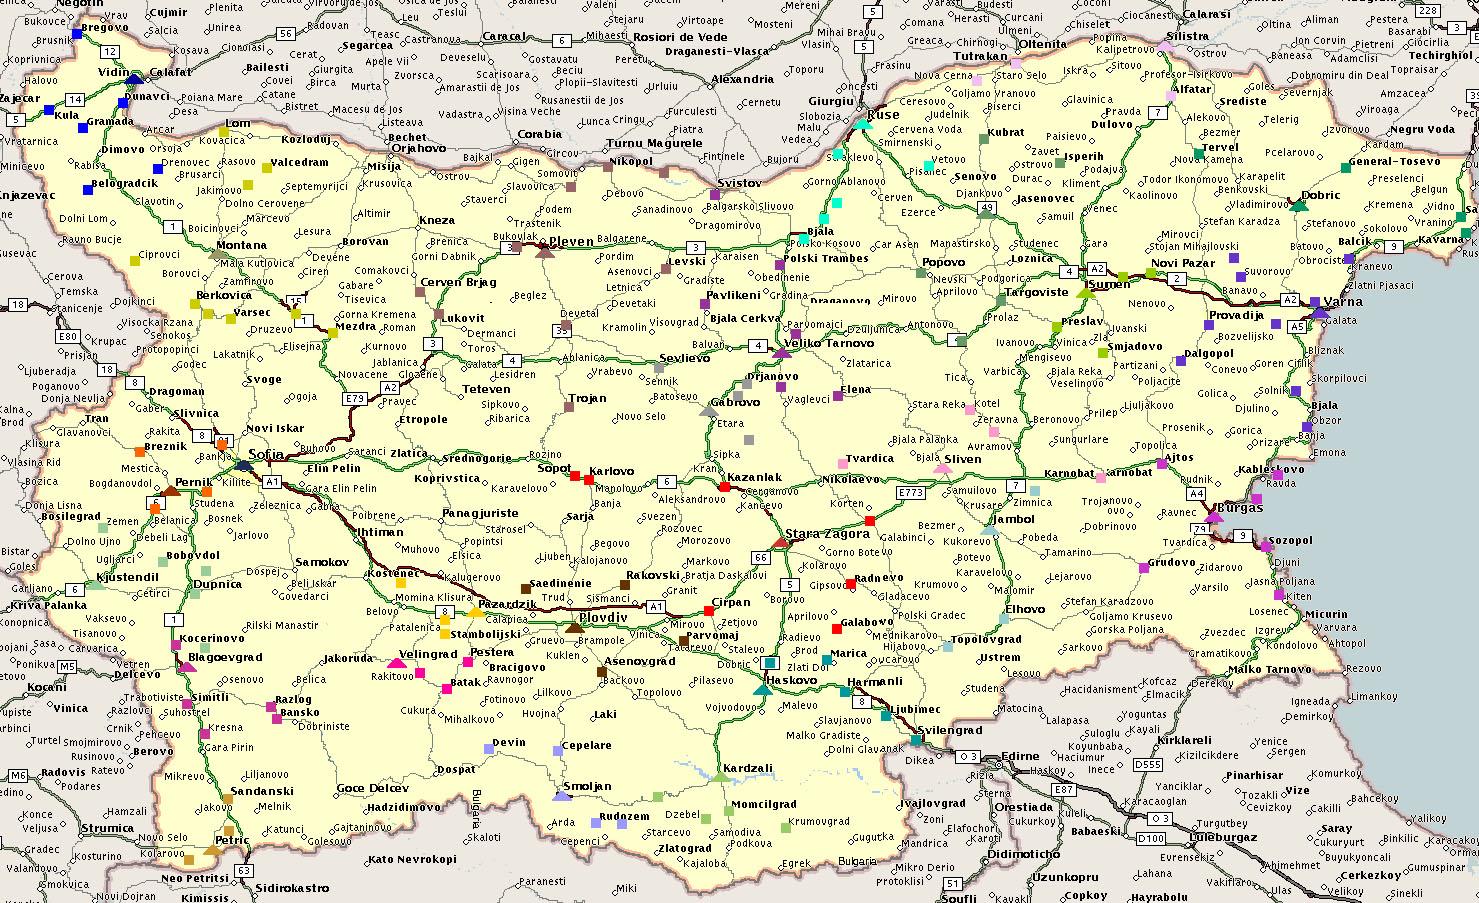 Bulgária | Mapas Geográficos da Bulgária